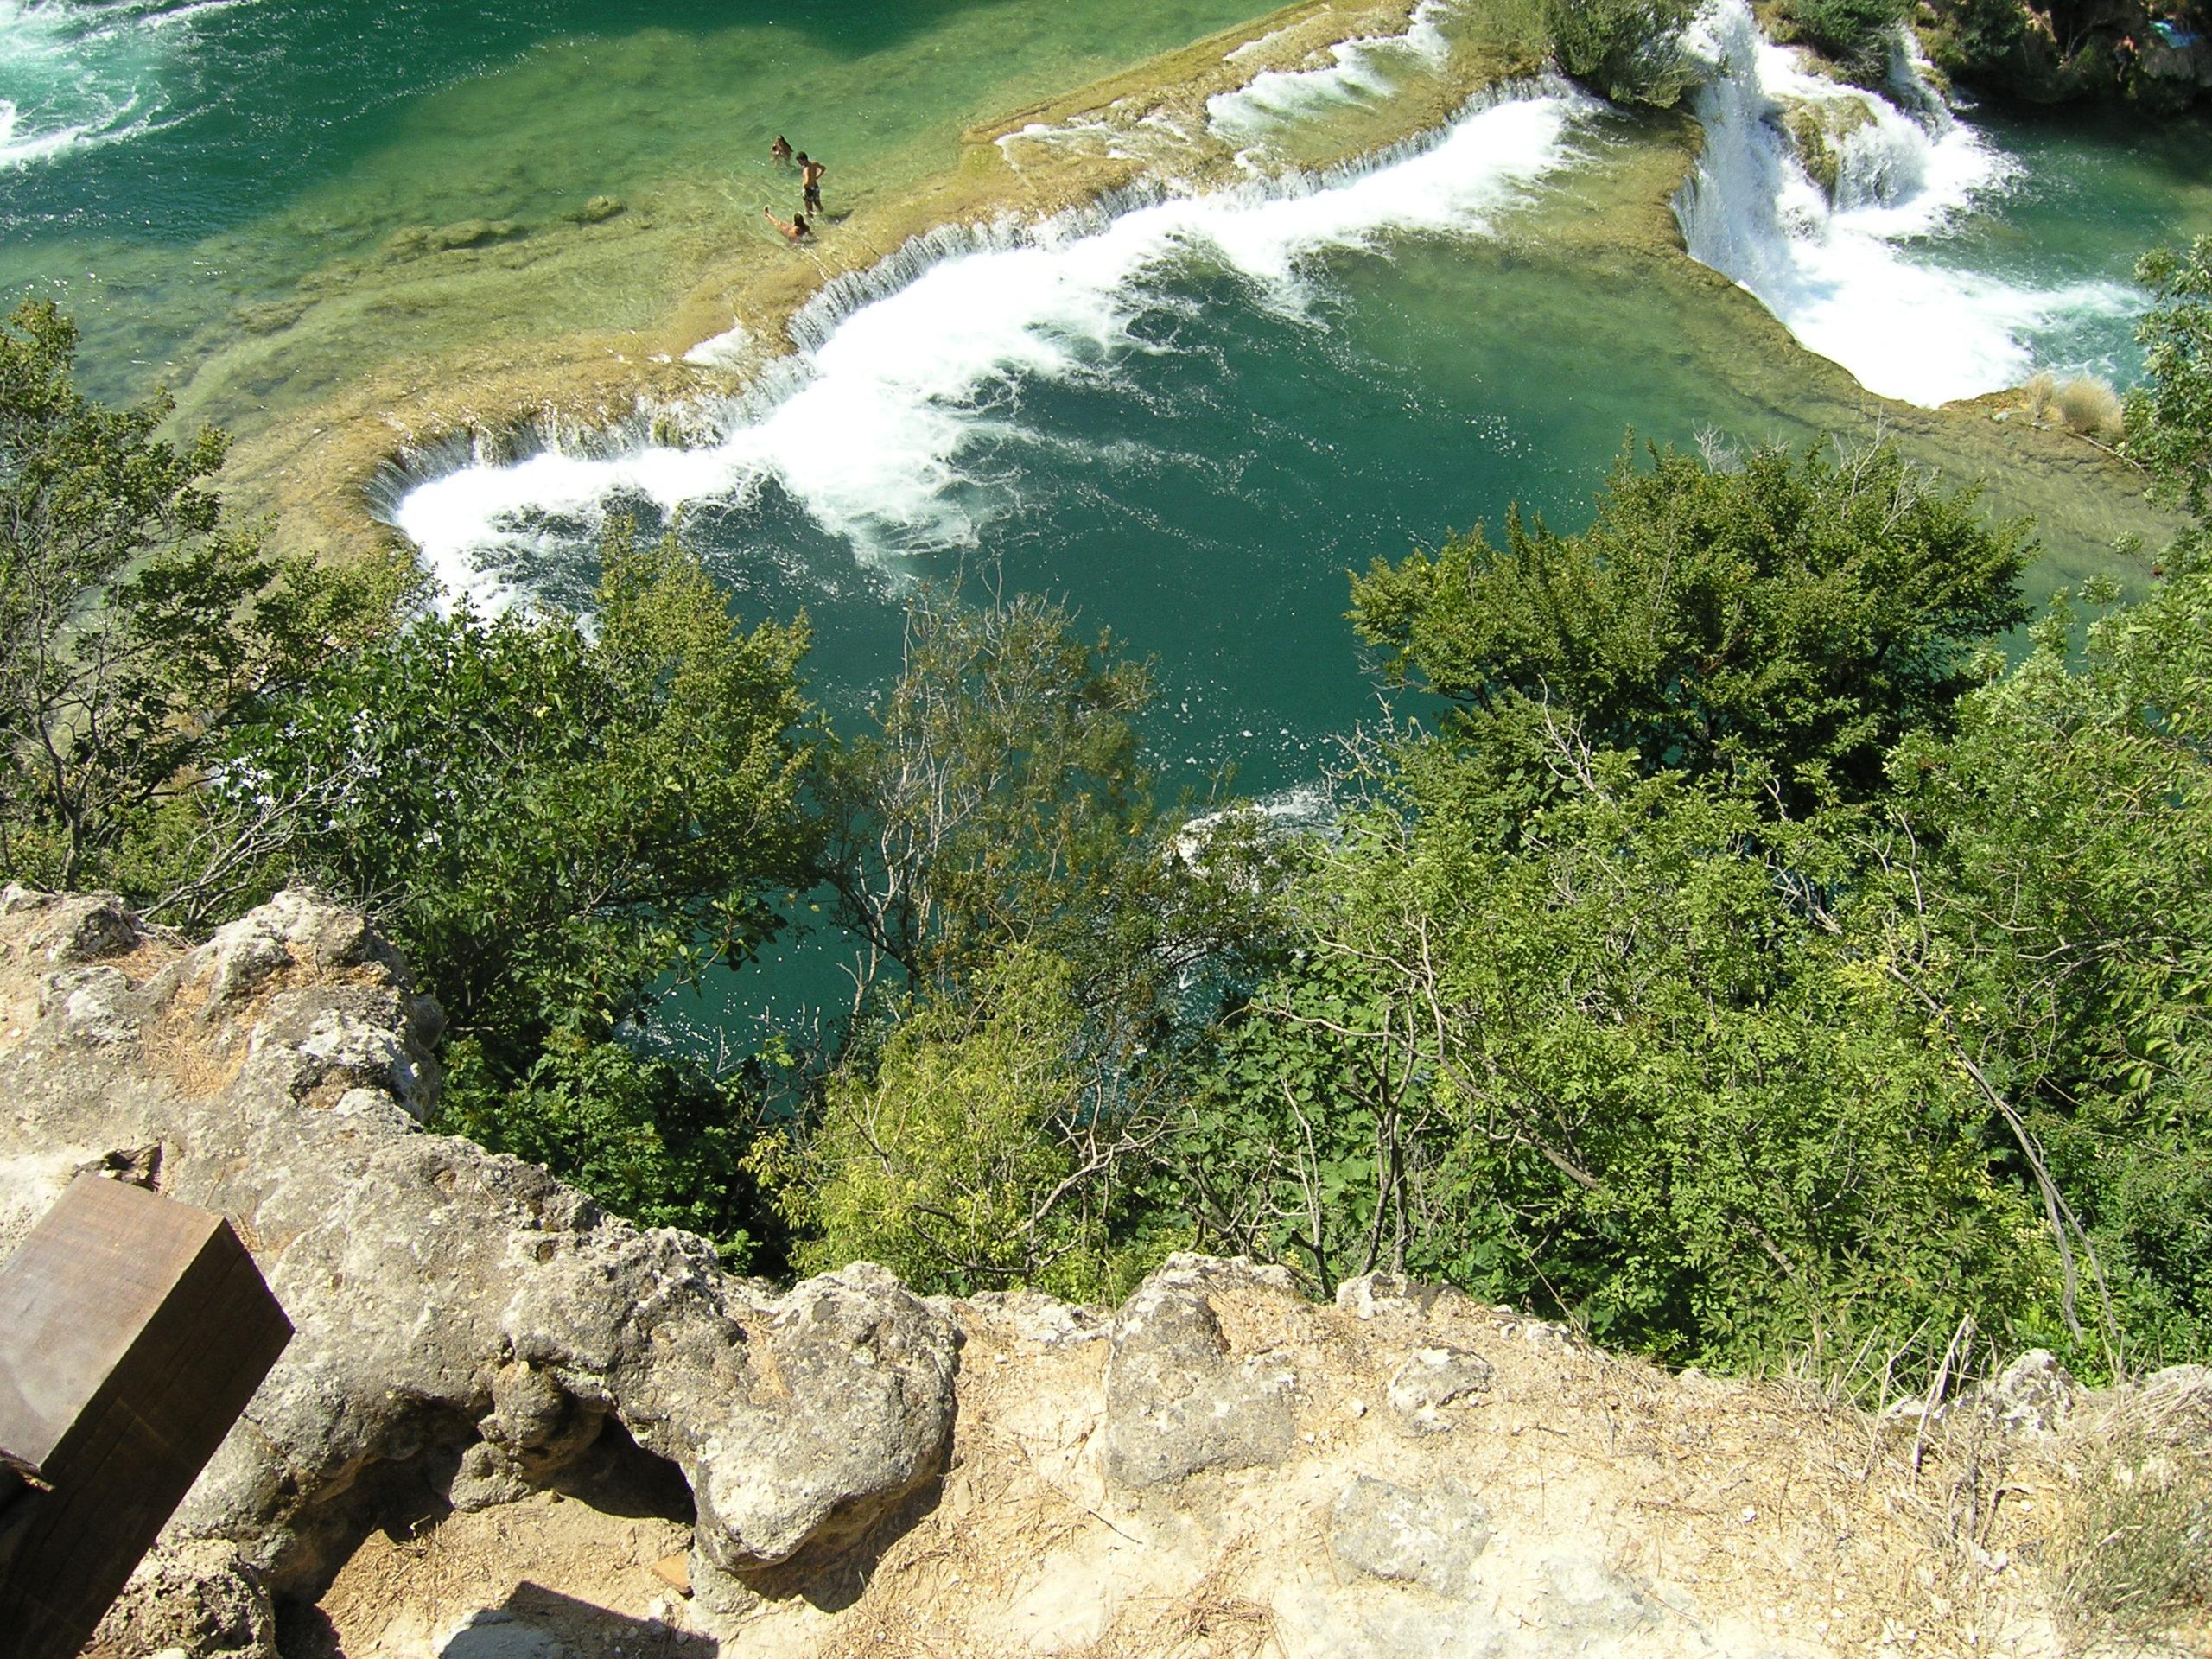 Widok na Urwisko i wodę